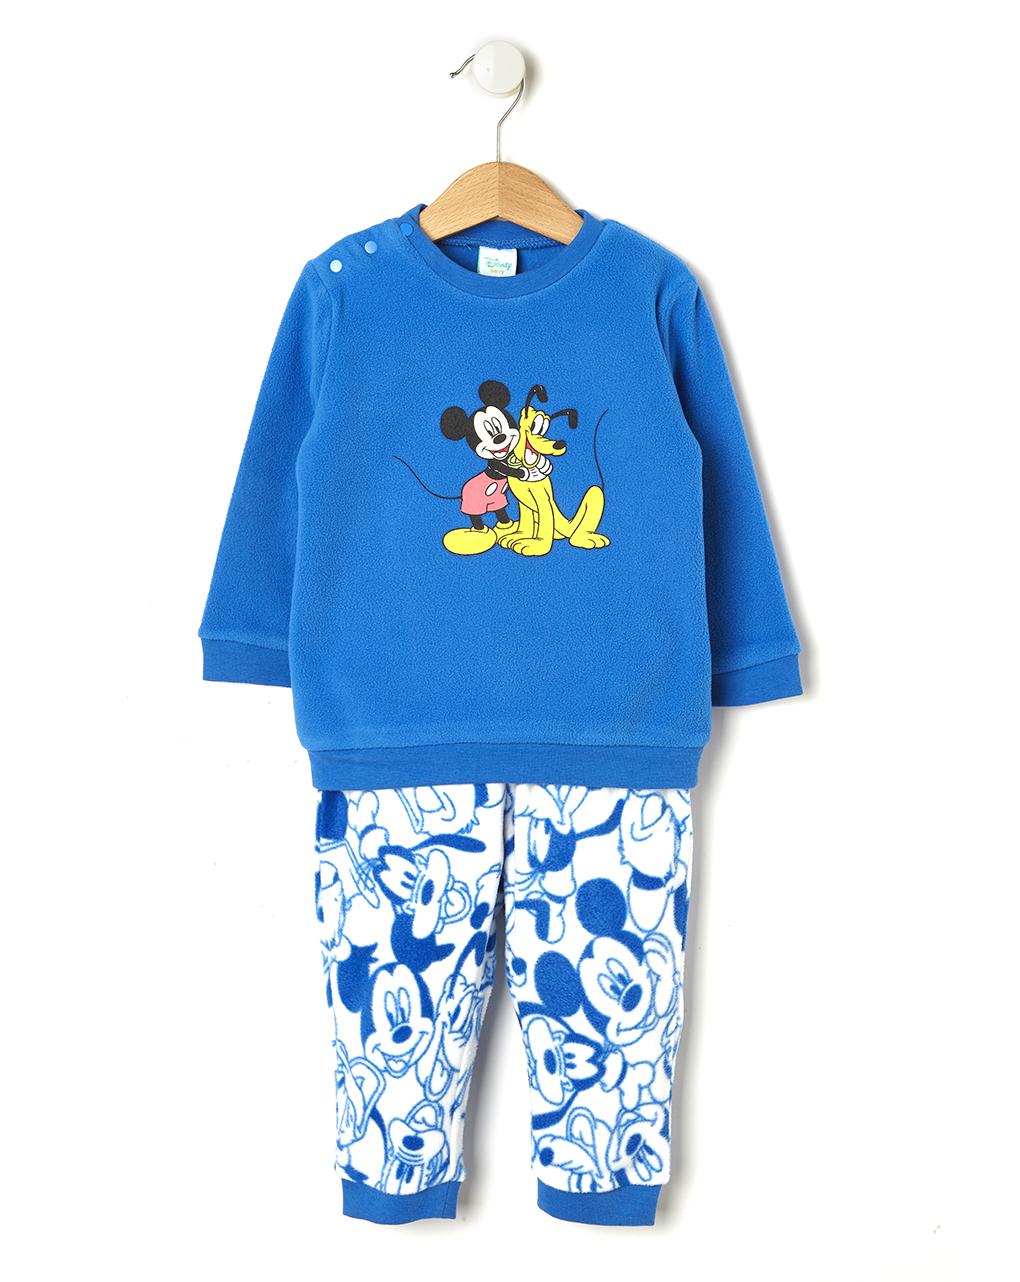 Πιτζάμα Μπλε 2 τεμαχίων από Fleece για Αγόρι με Μίκυ και Πλούτο